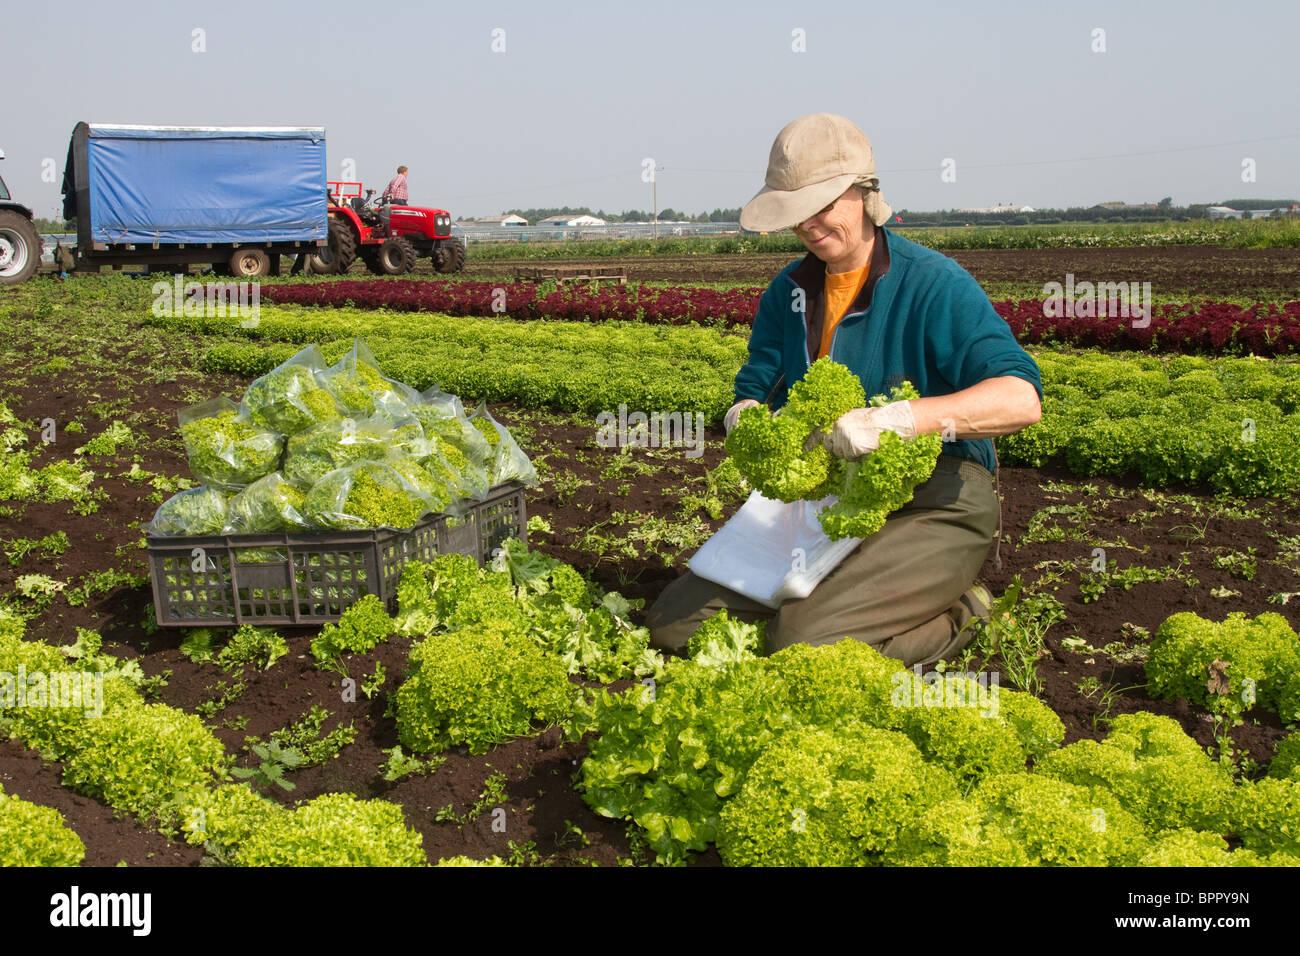 Jardins du marché à l'Ouest, Tarleton Lancs, Lancashire, Preston, Royaume-Uni Photo Stock